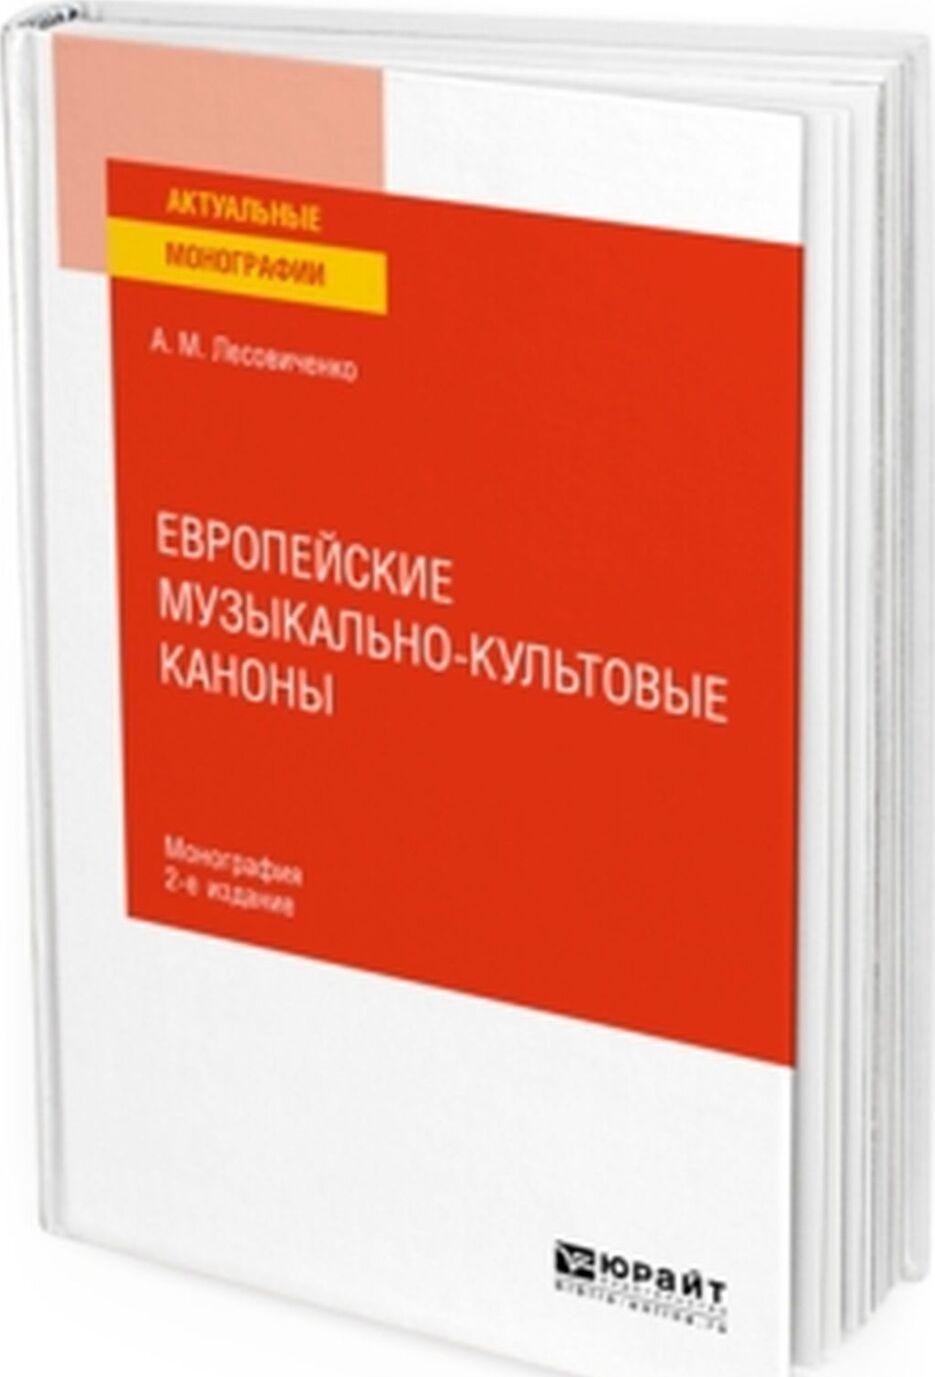 Evropejskie muzykalno-kultovye kanony. Monografija | Lesovichenko A. M.